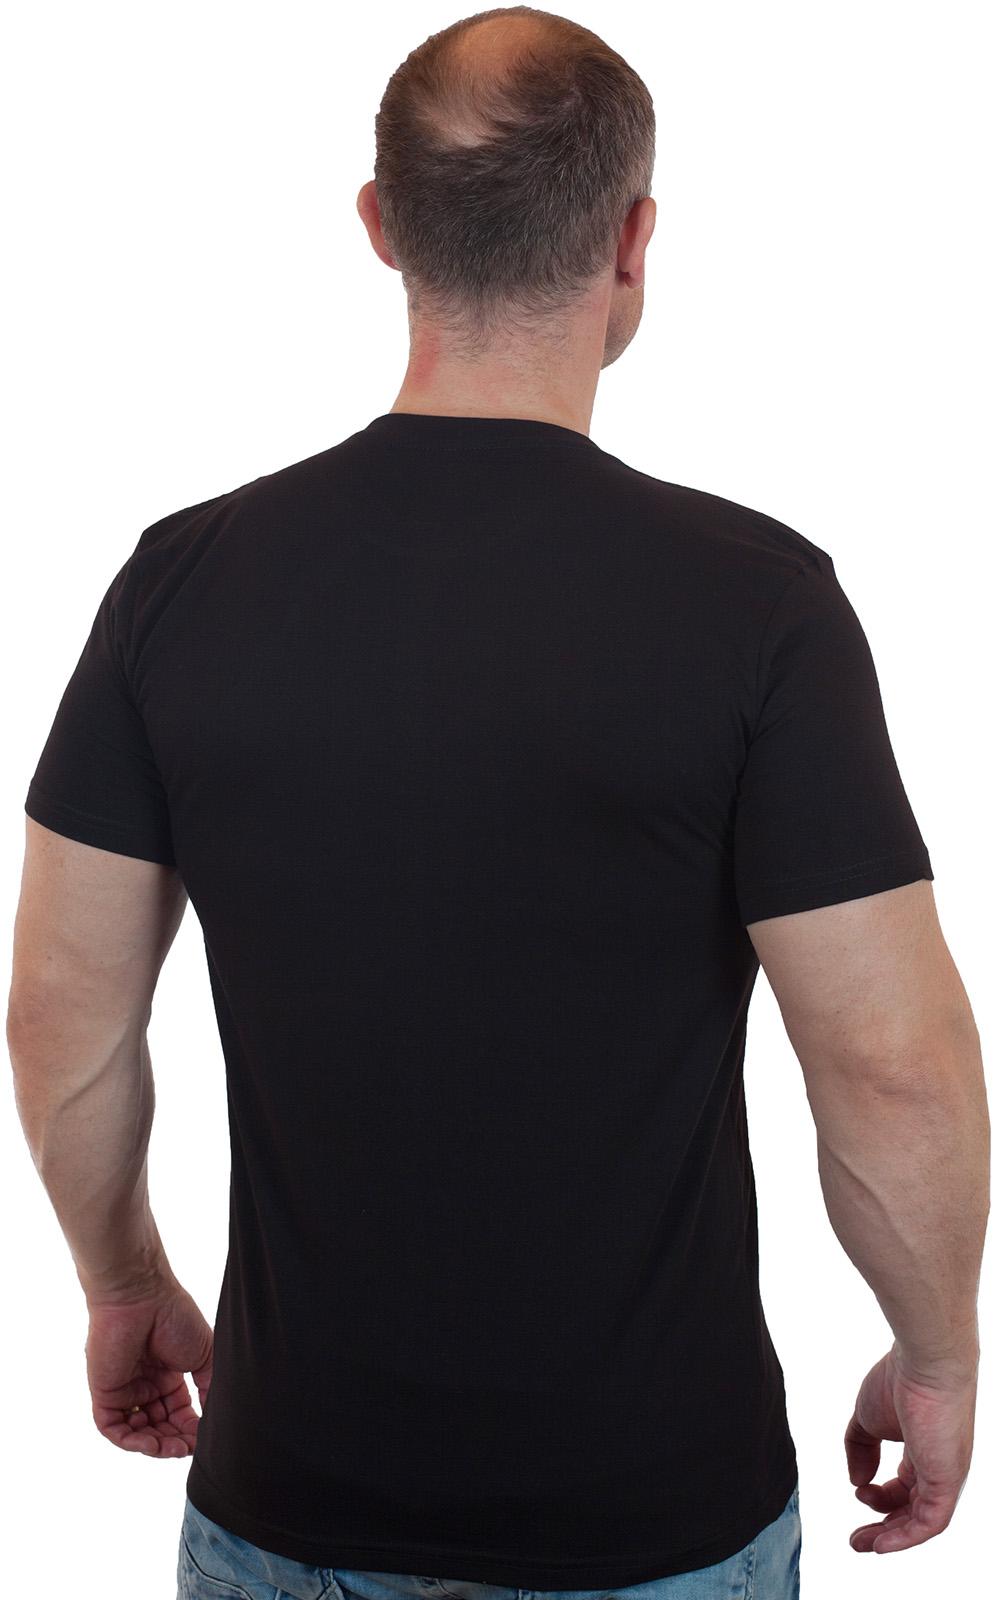 Лаконичная футболка с вышитым знаком 54-й ОДШБ 31 гв. ОДШБр - купить с доставкой